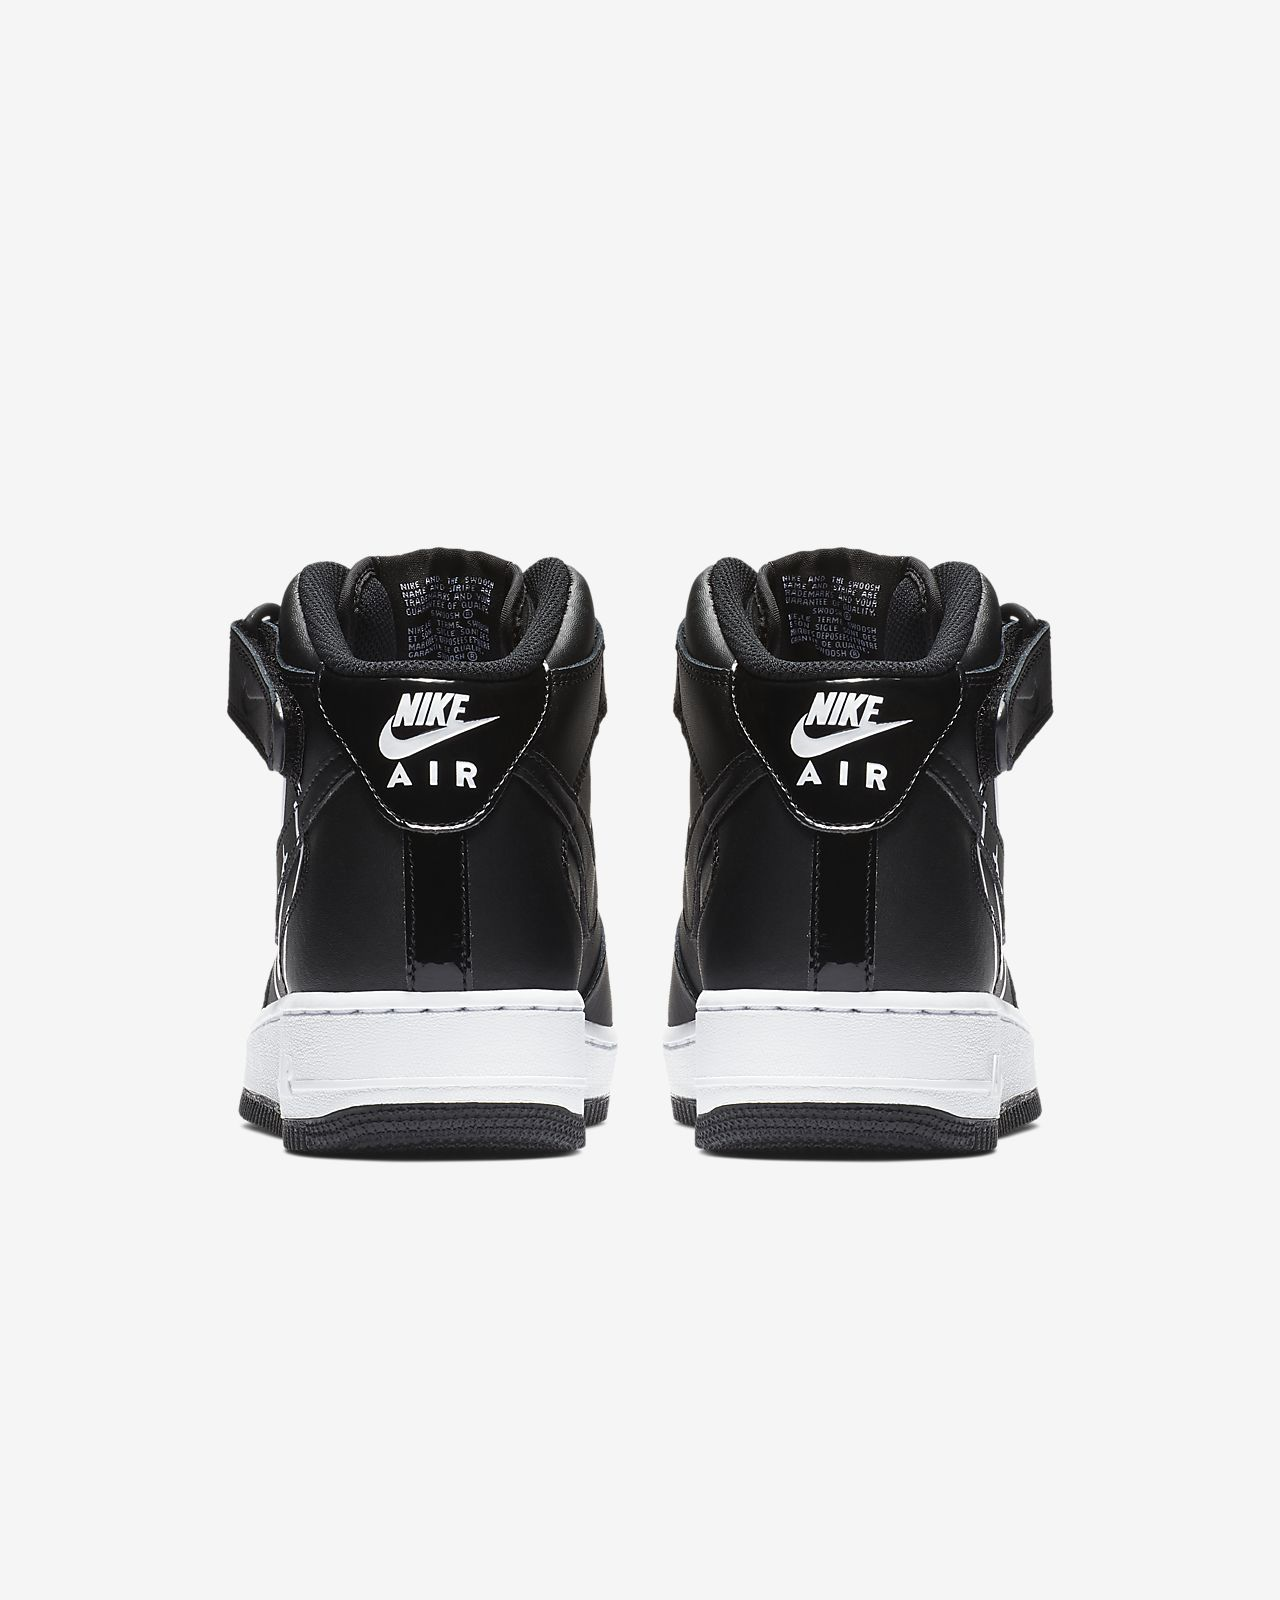 sale retailer c8acc 7c72a ... Nike Air Force 1 Mid  07 LV8 2 Men s Shoe